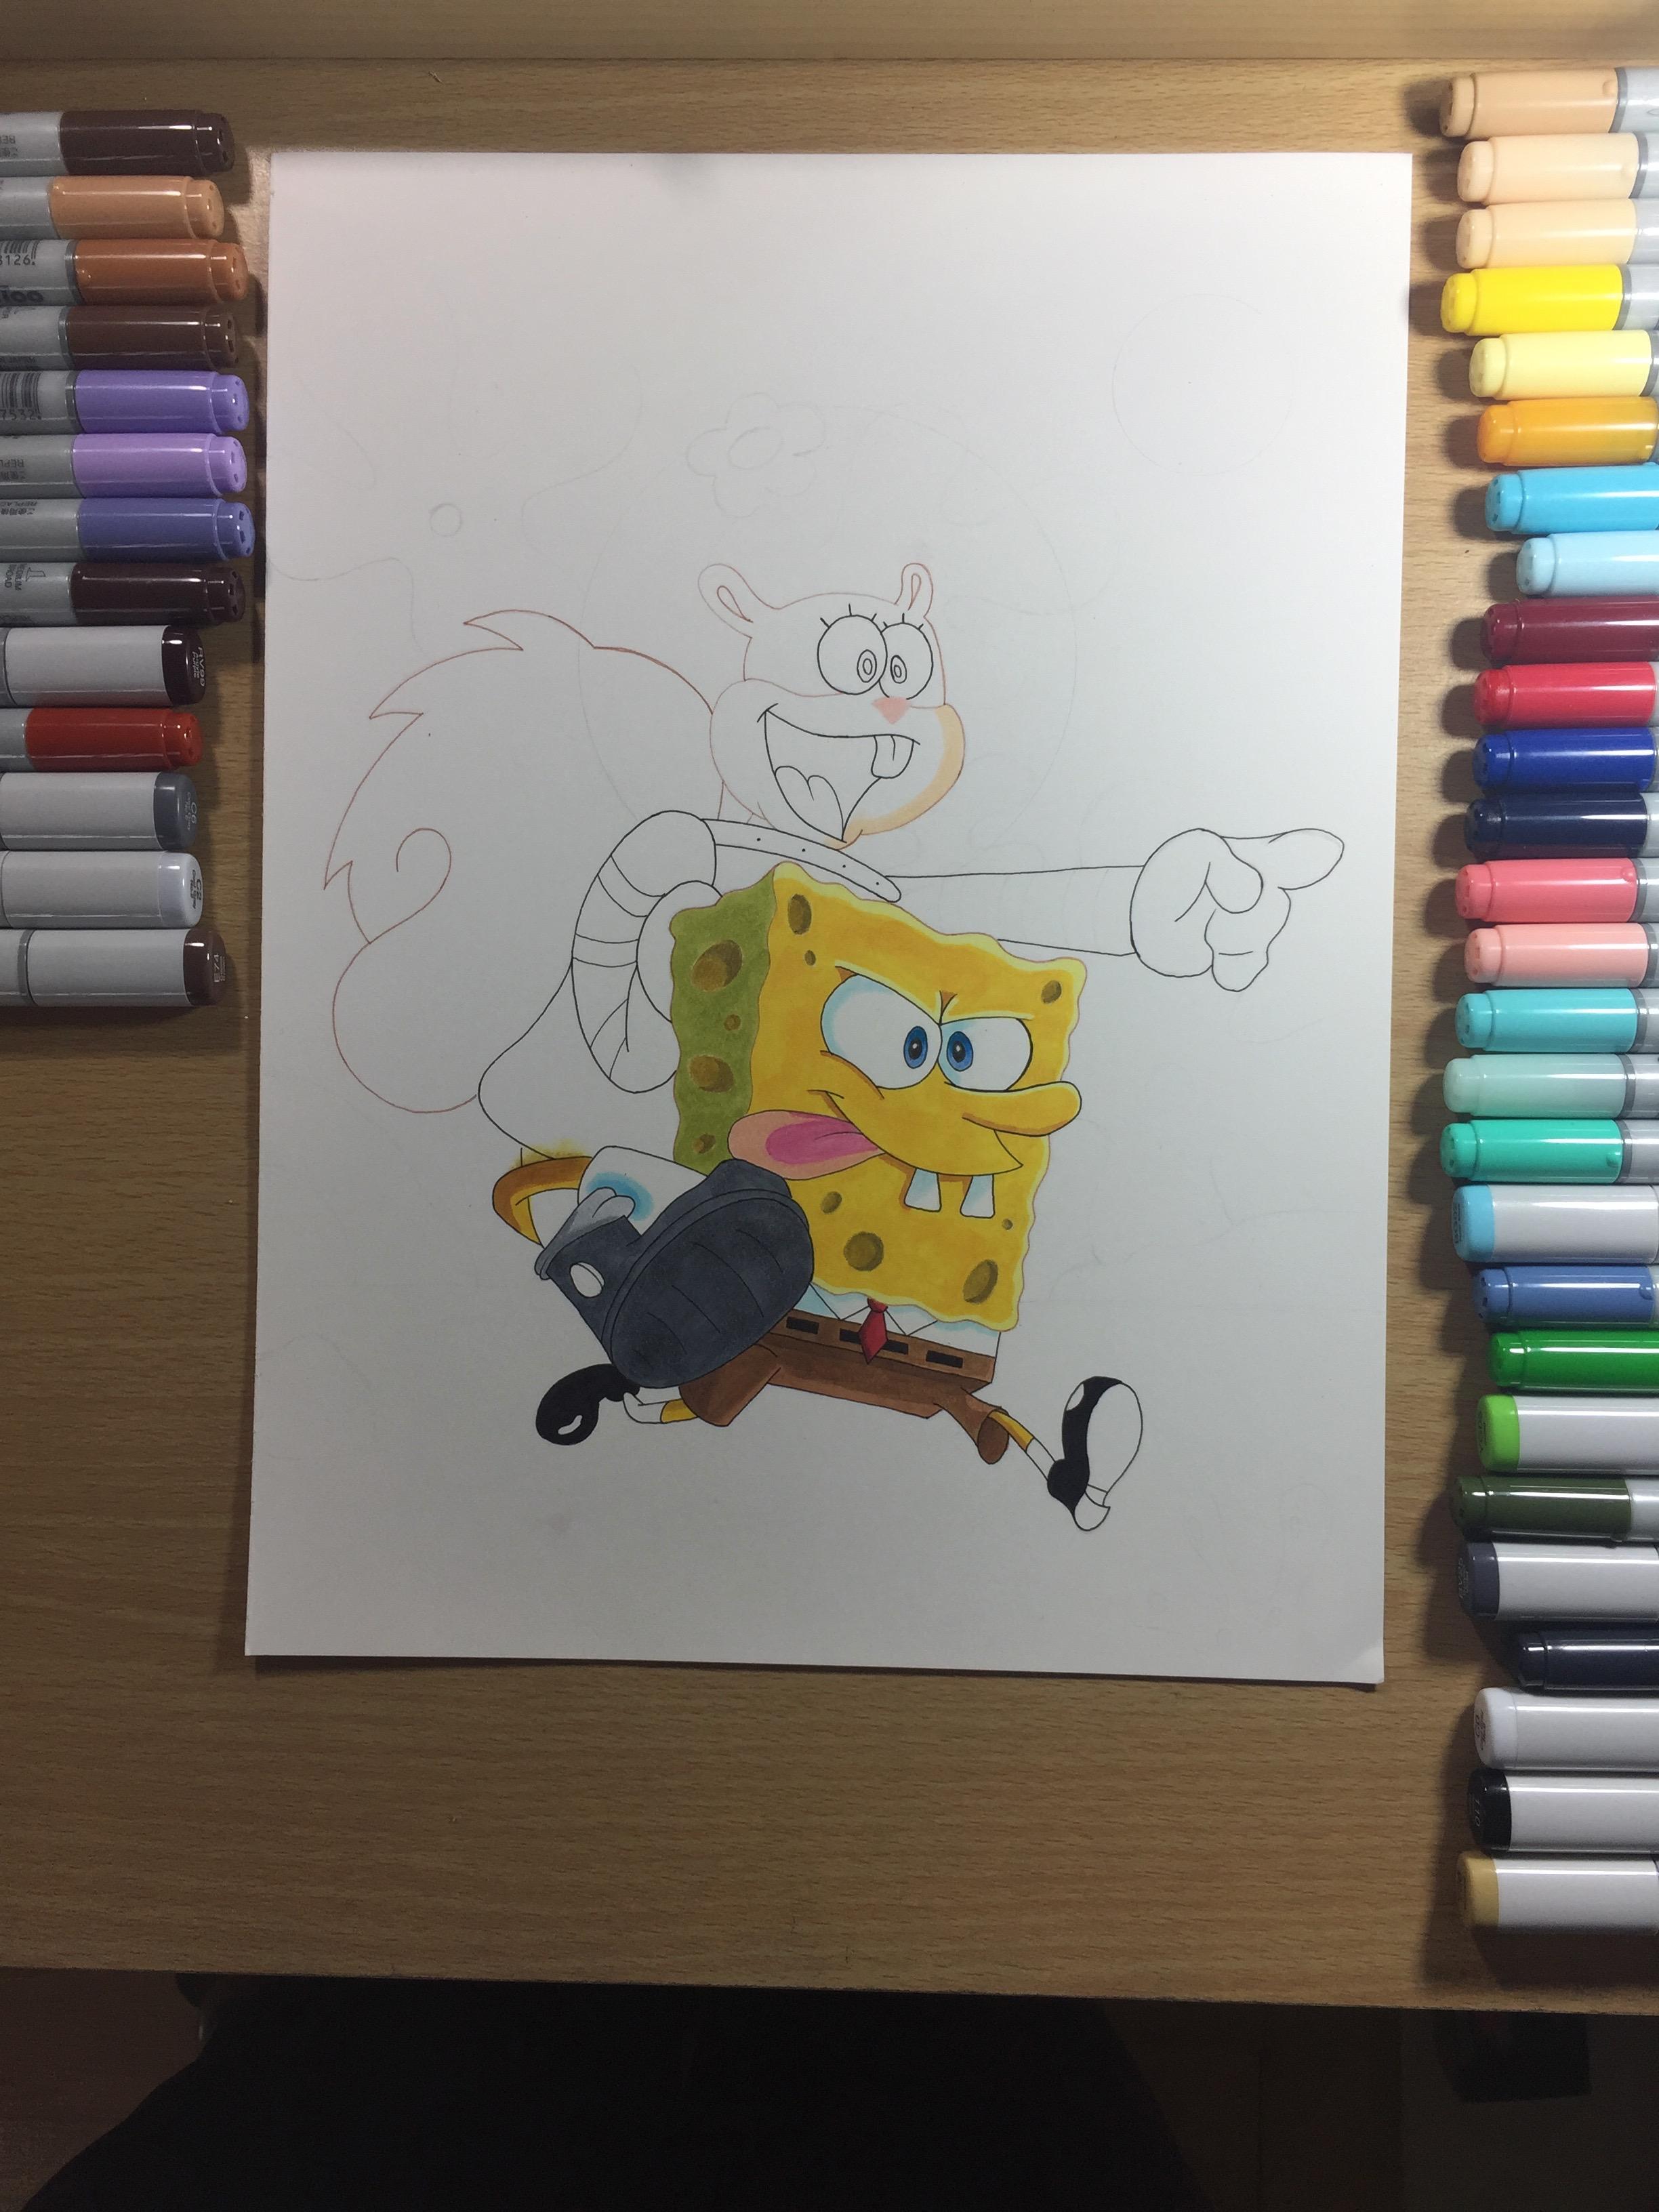 Spongebob 3.jpg